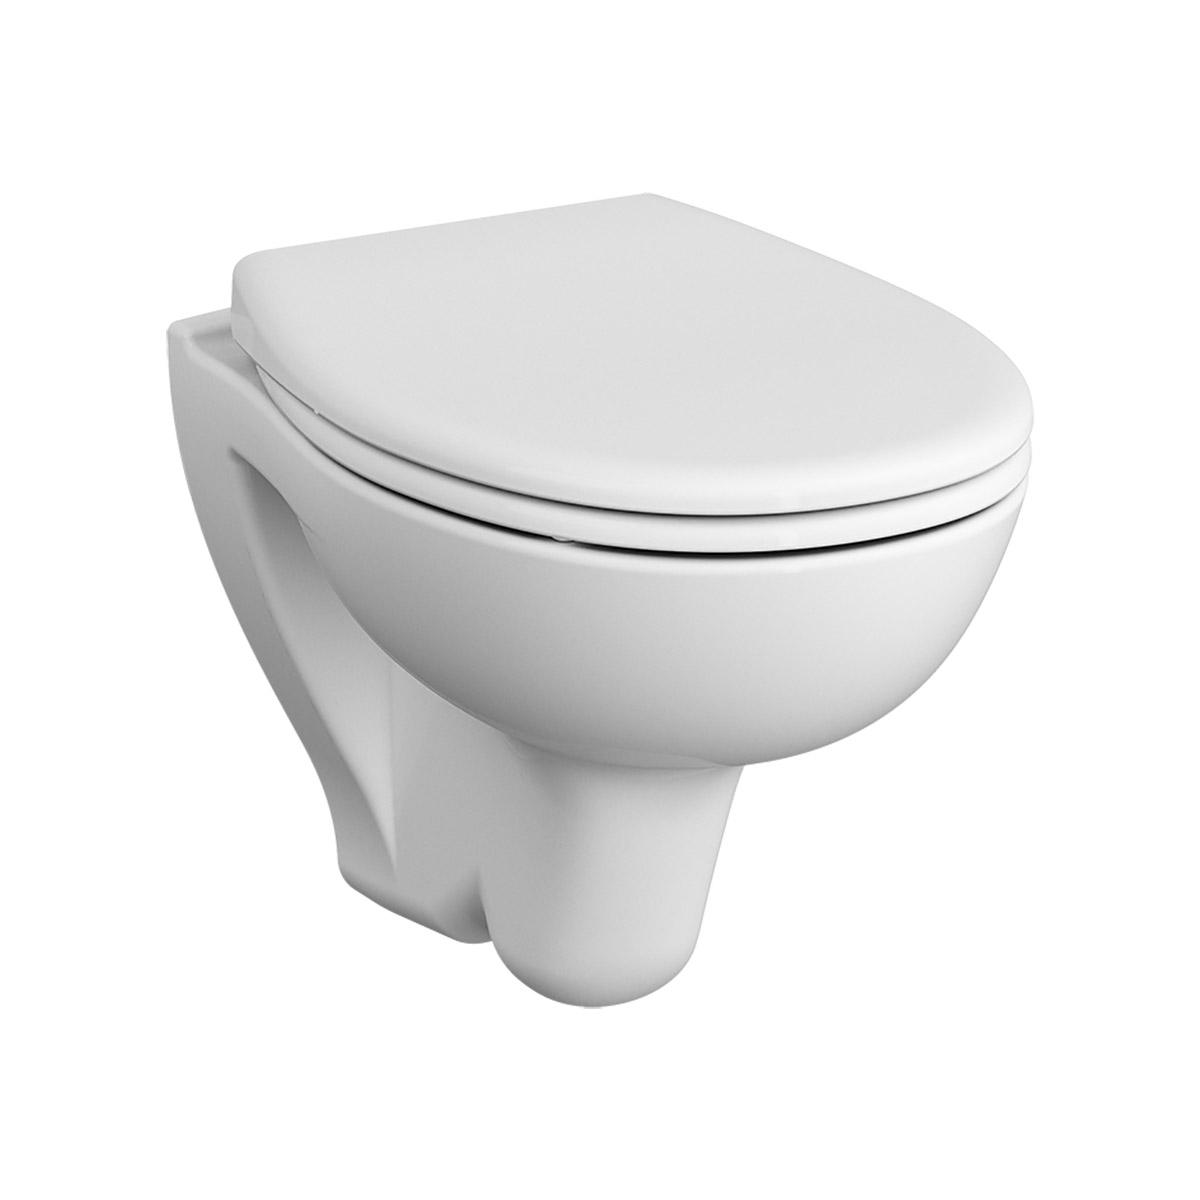 S20 Wand-WC, Universal Shape